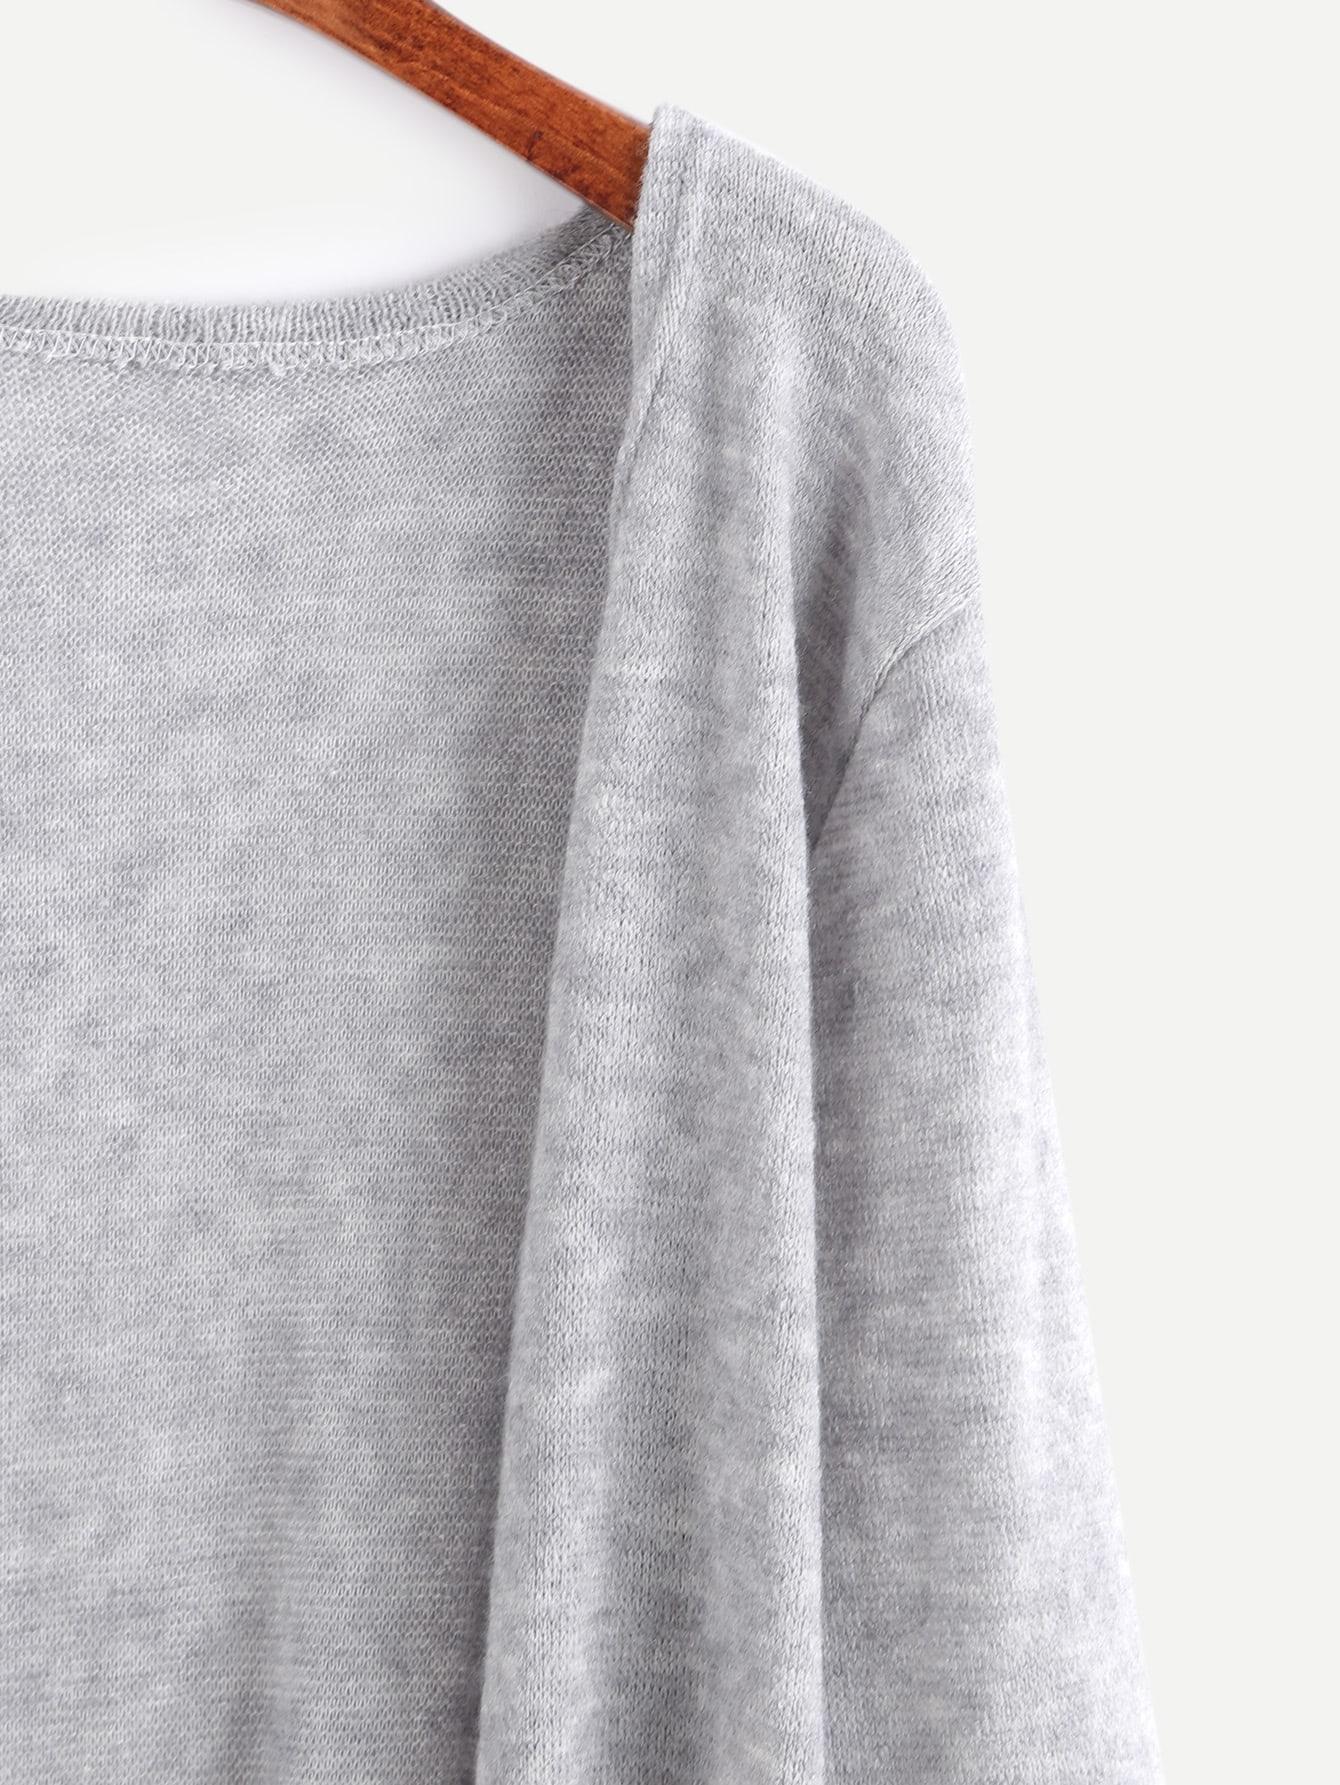 Elastic Cuff Cardigan With Pockets -SheIn(Sheinside)